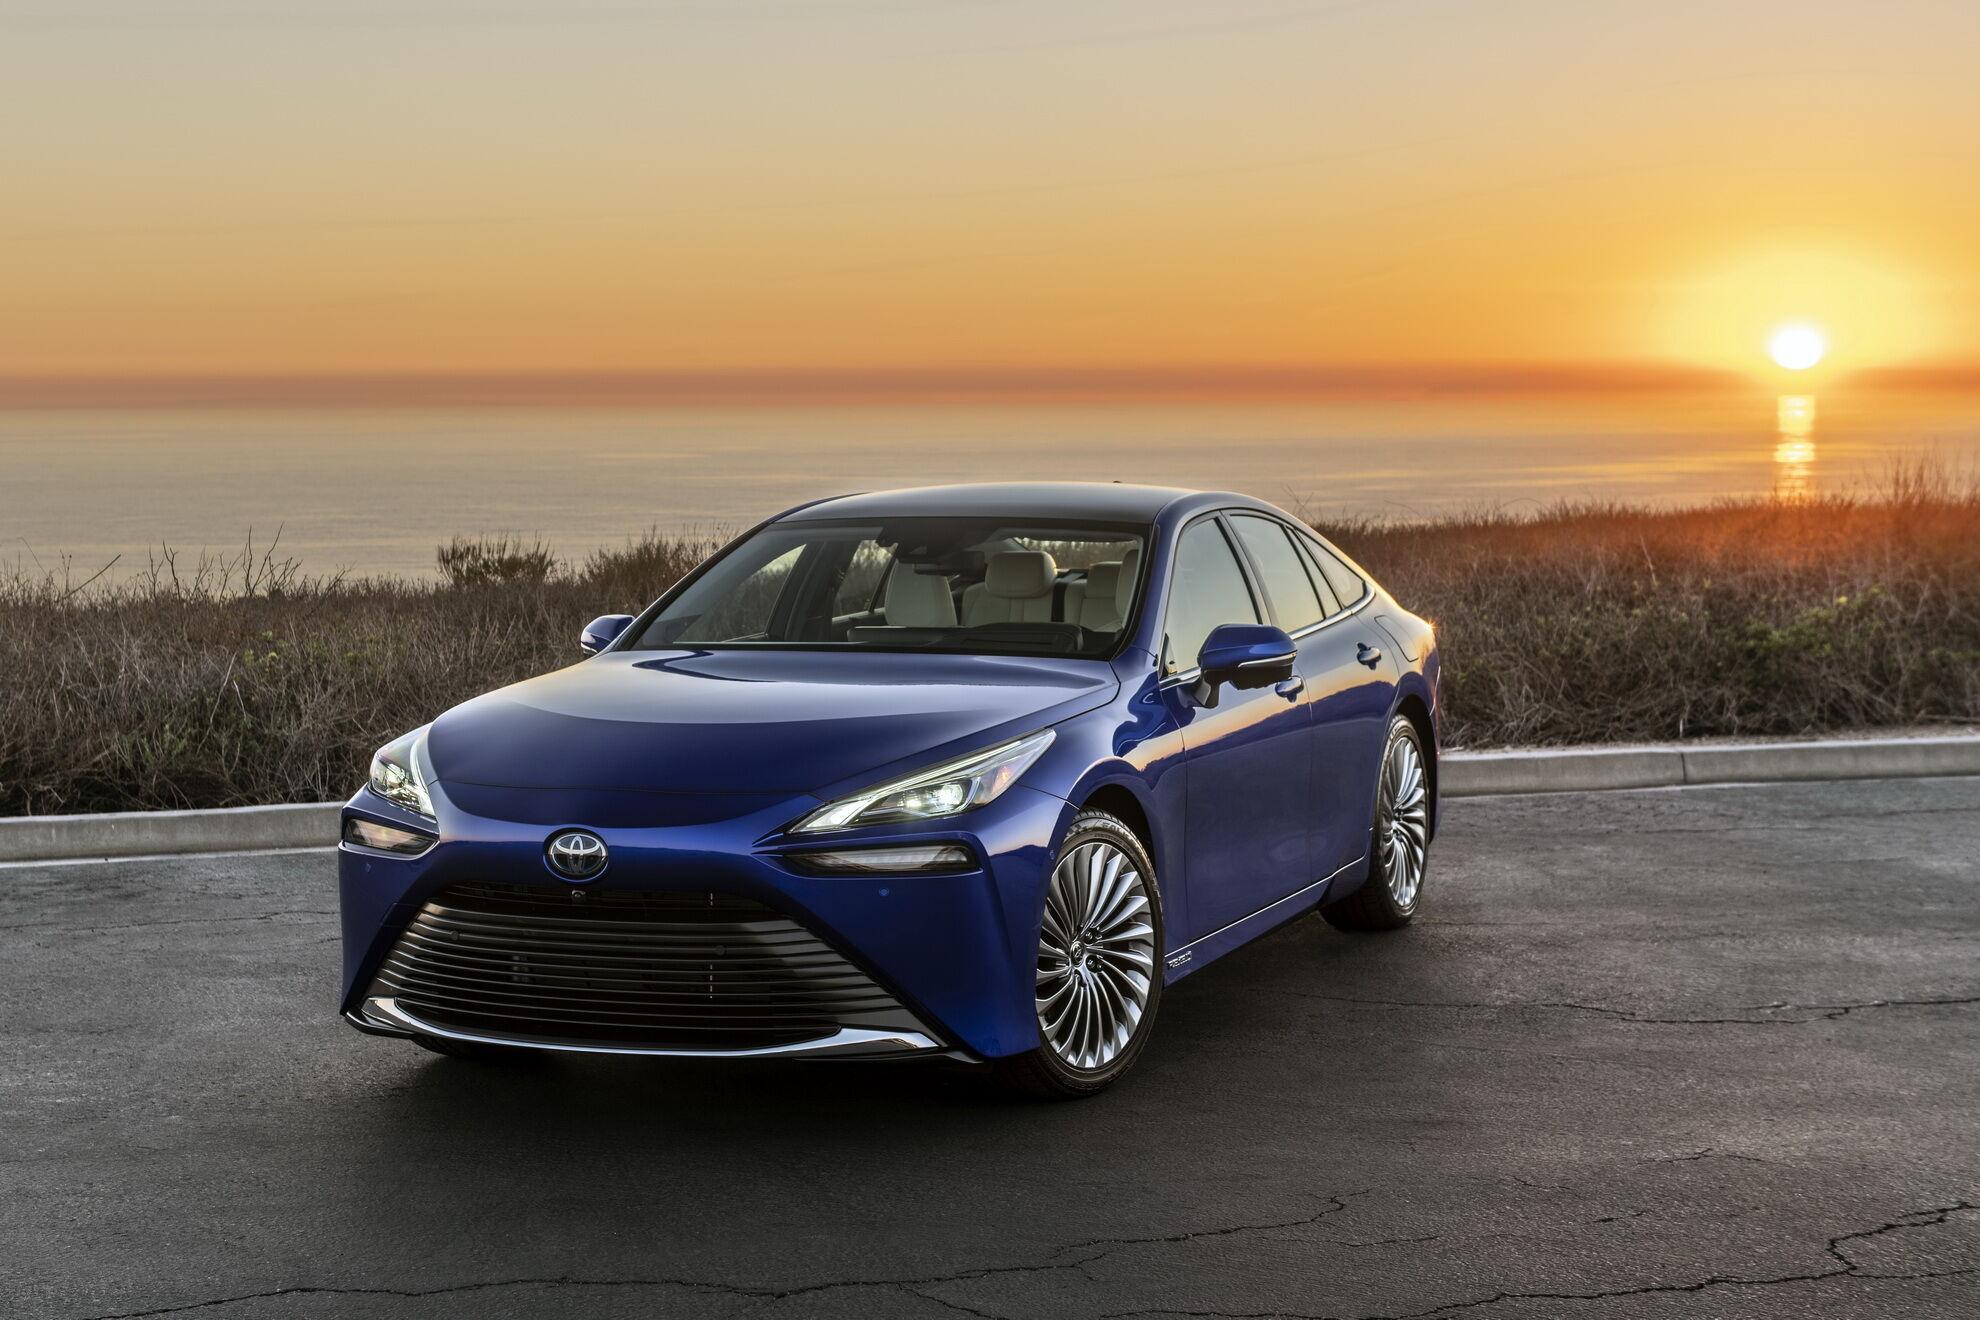 """Водневі паливні елементи – один із напрямів розвитку """"зелених"""" технологій Toyota – реалізовано у седані Mirai"""